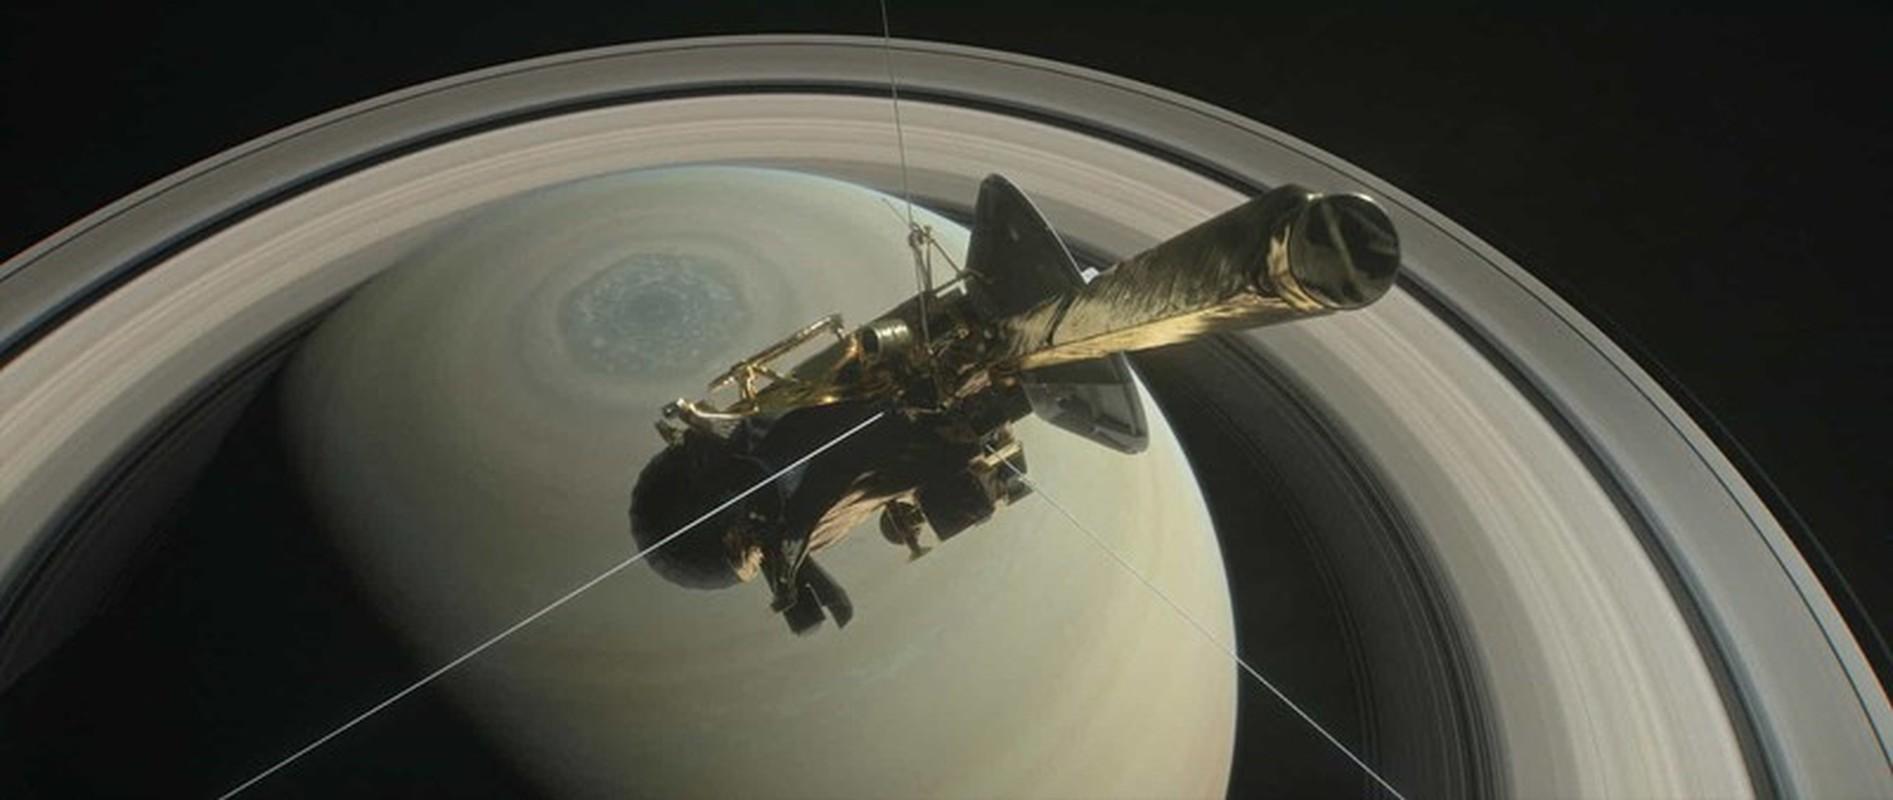 Choang ngop hinh anh vu tru cua NASA cong bo-Hinh-8